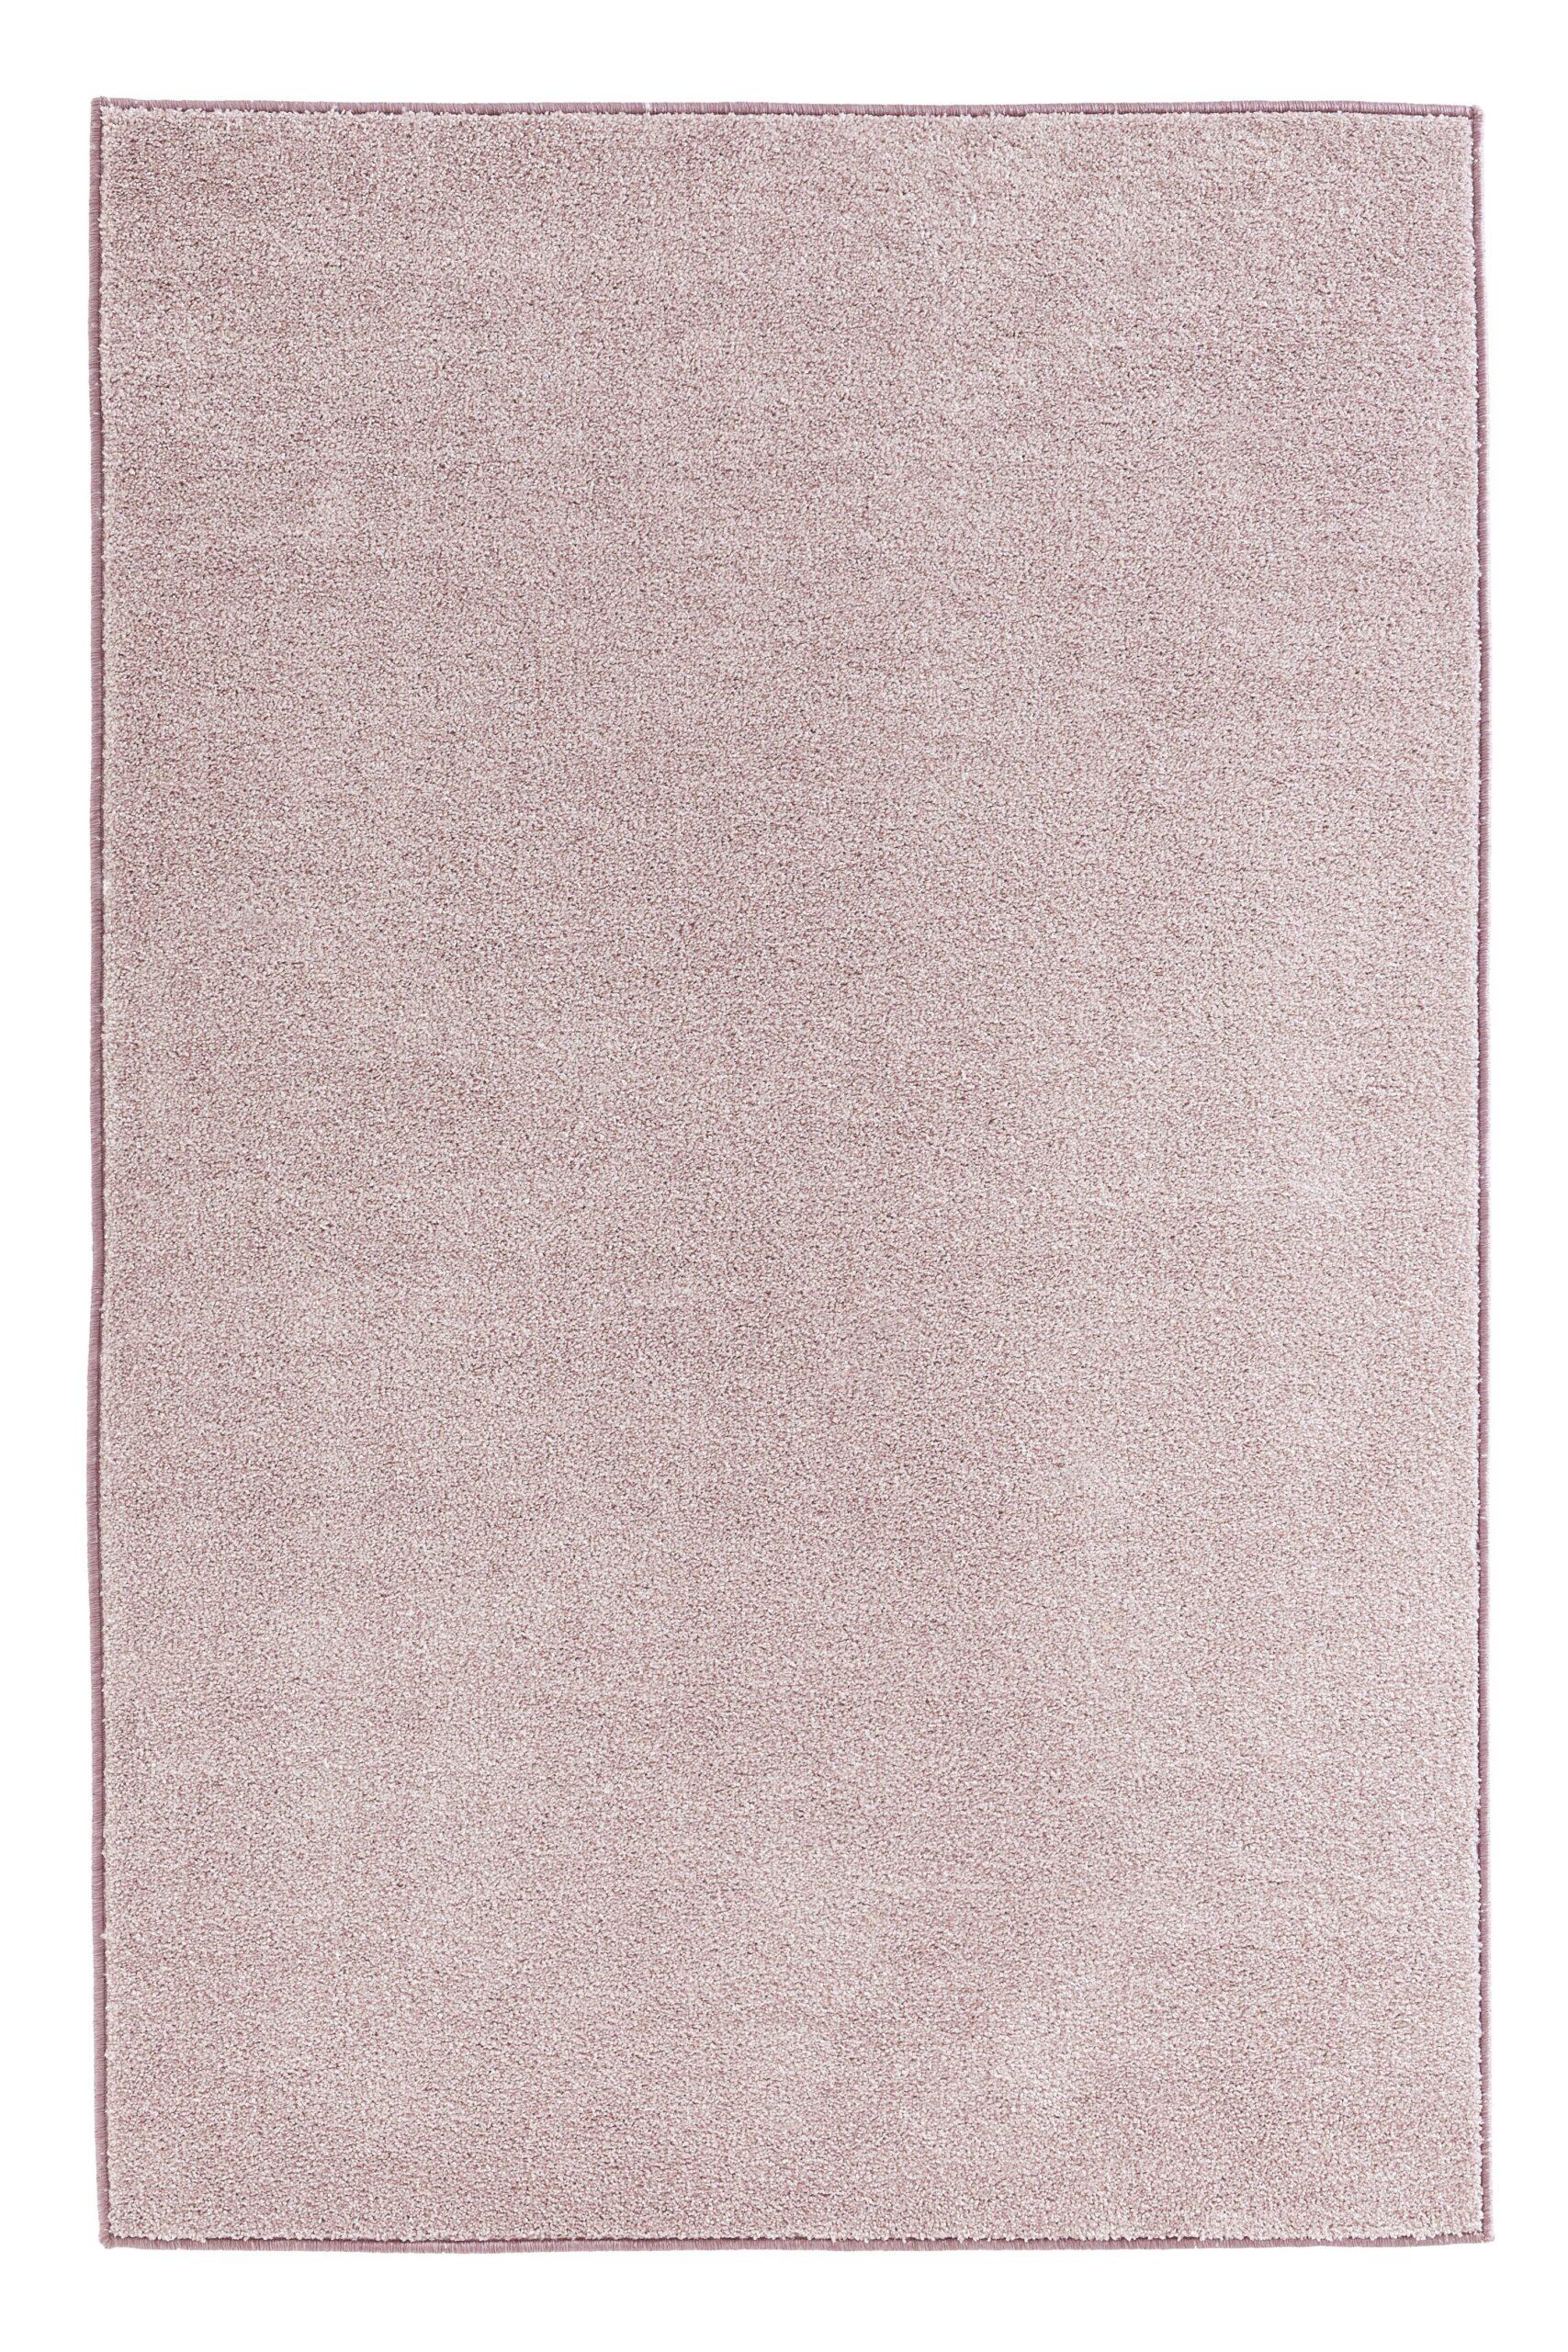 Full Size of Hanse Home Teppich Pure In Rosa Bewertungen Wayfairde Schlafzimmer Für Küche Bad Badezimmer Wohnzimmer Steinteppich Teppiche Esstisch Wohnzimmer Teppich 300x400